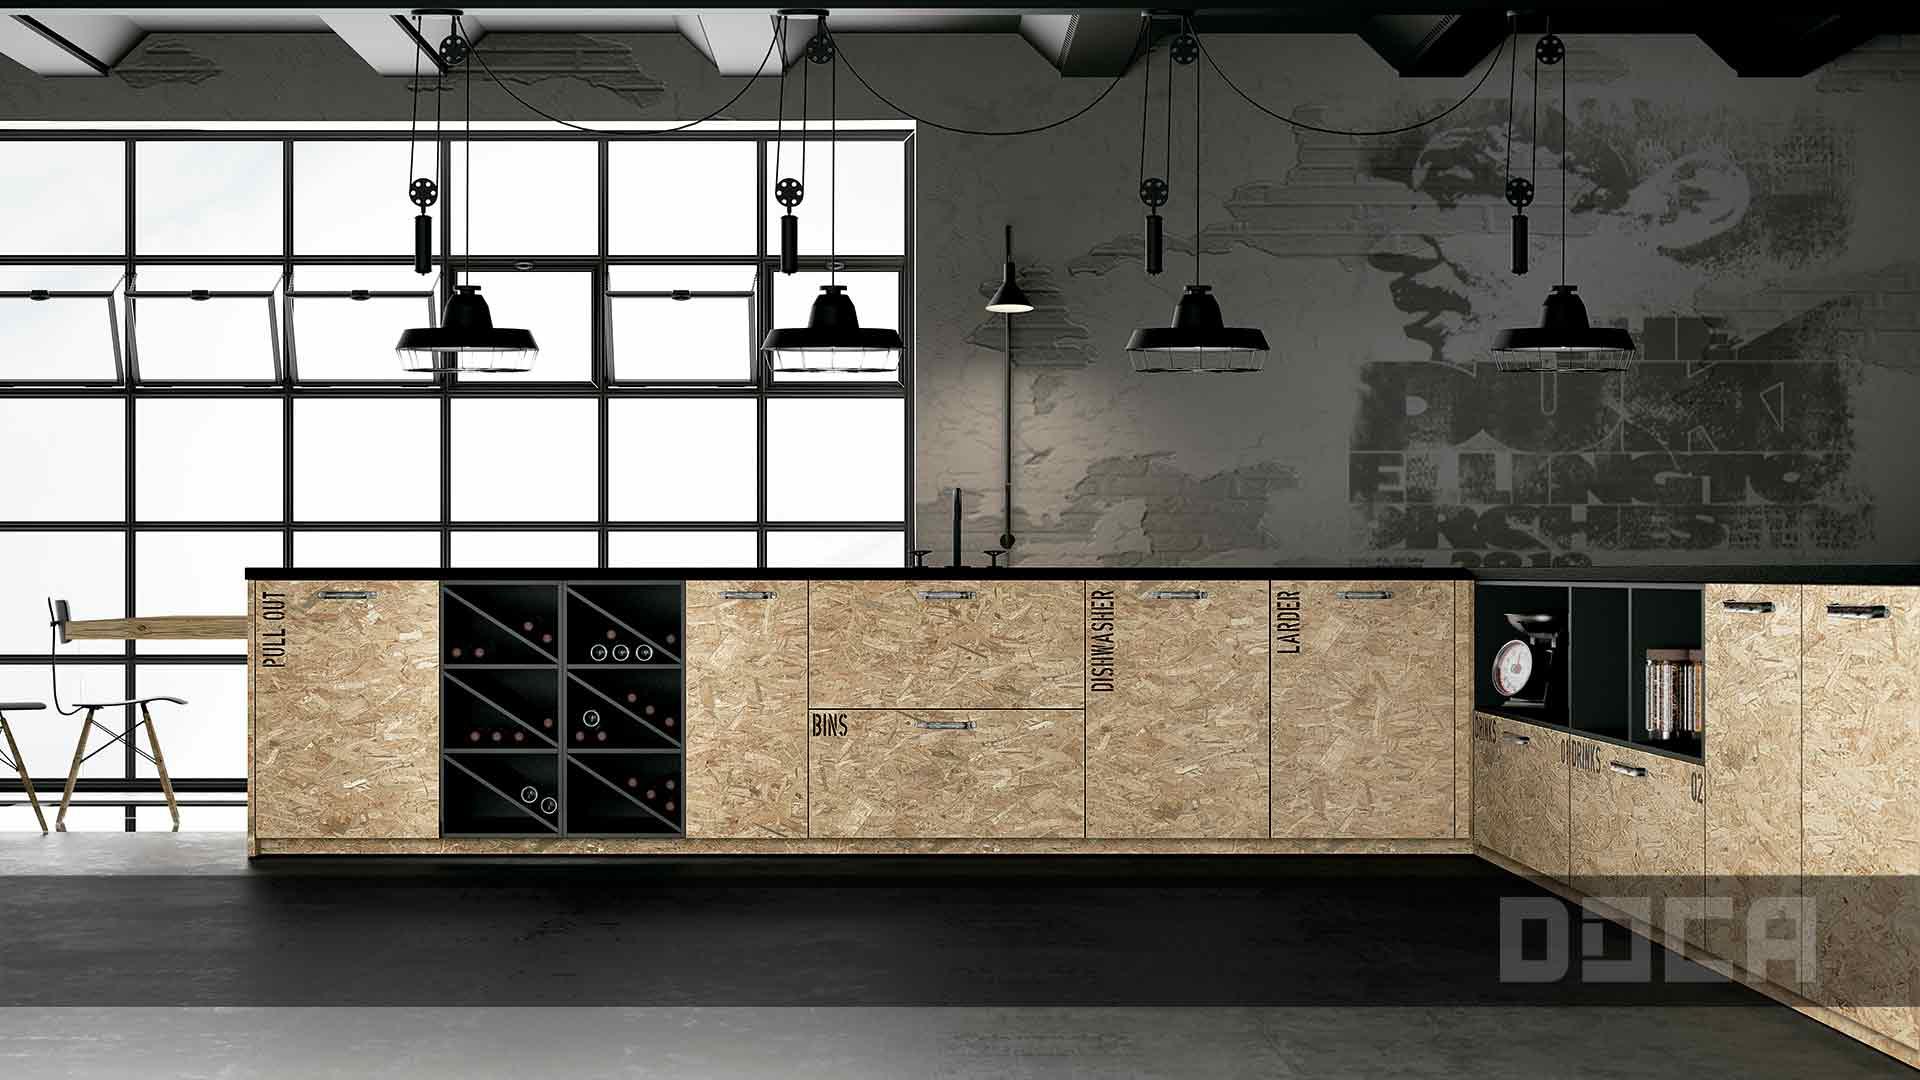 Cocina Aglomerado craft doca 1920x1080 1 2